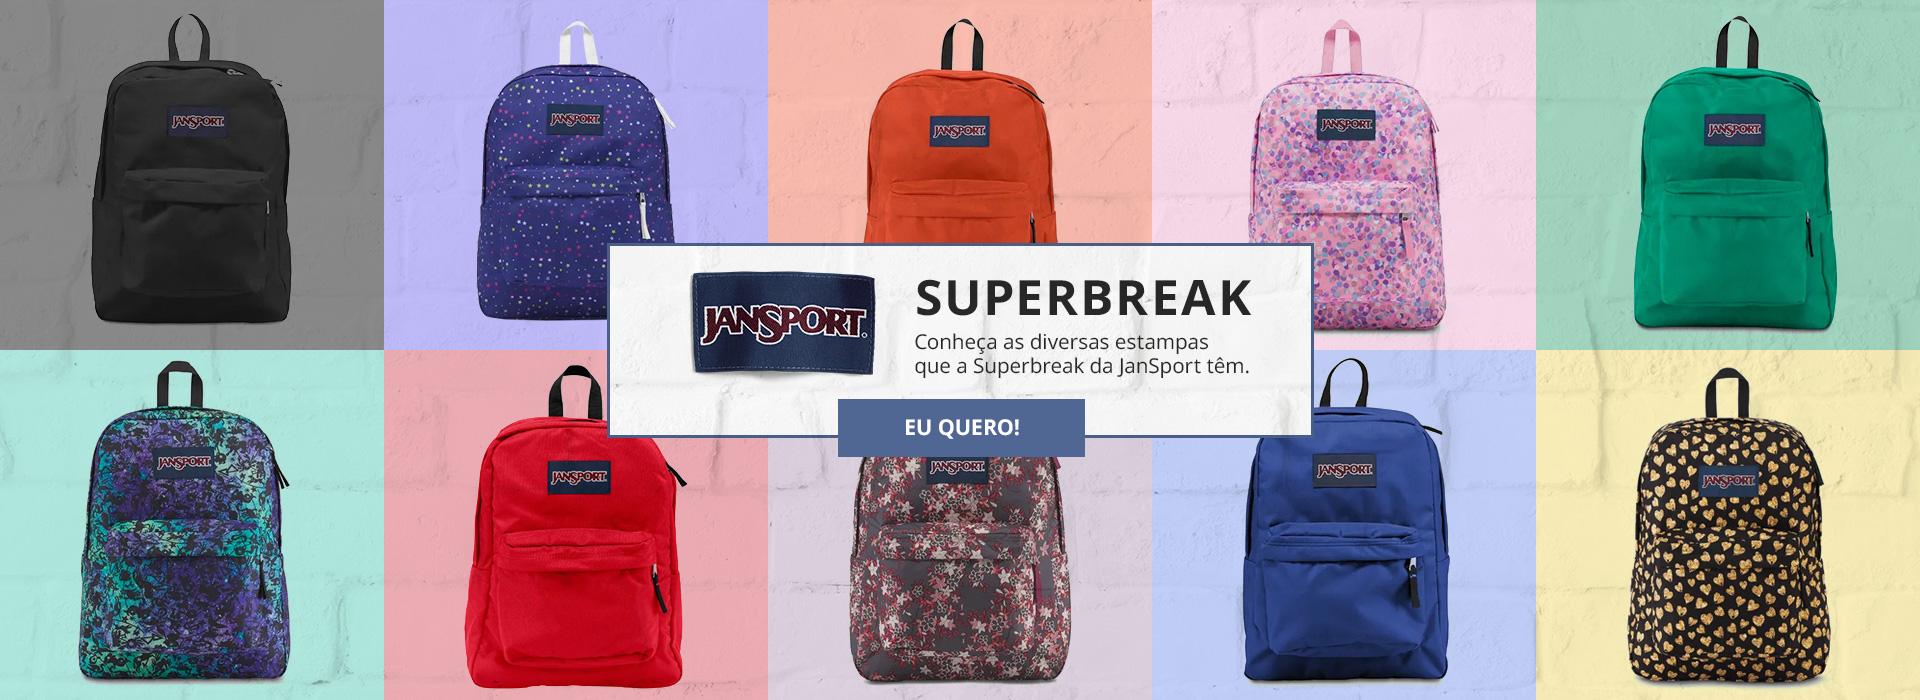 Banner 4 - Superbreak